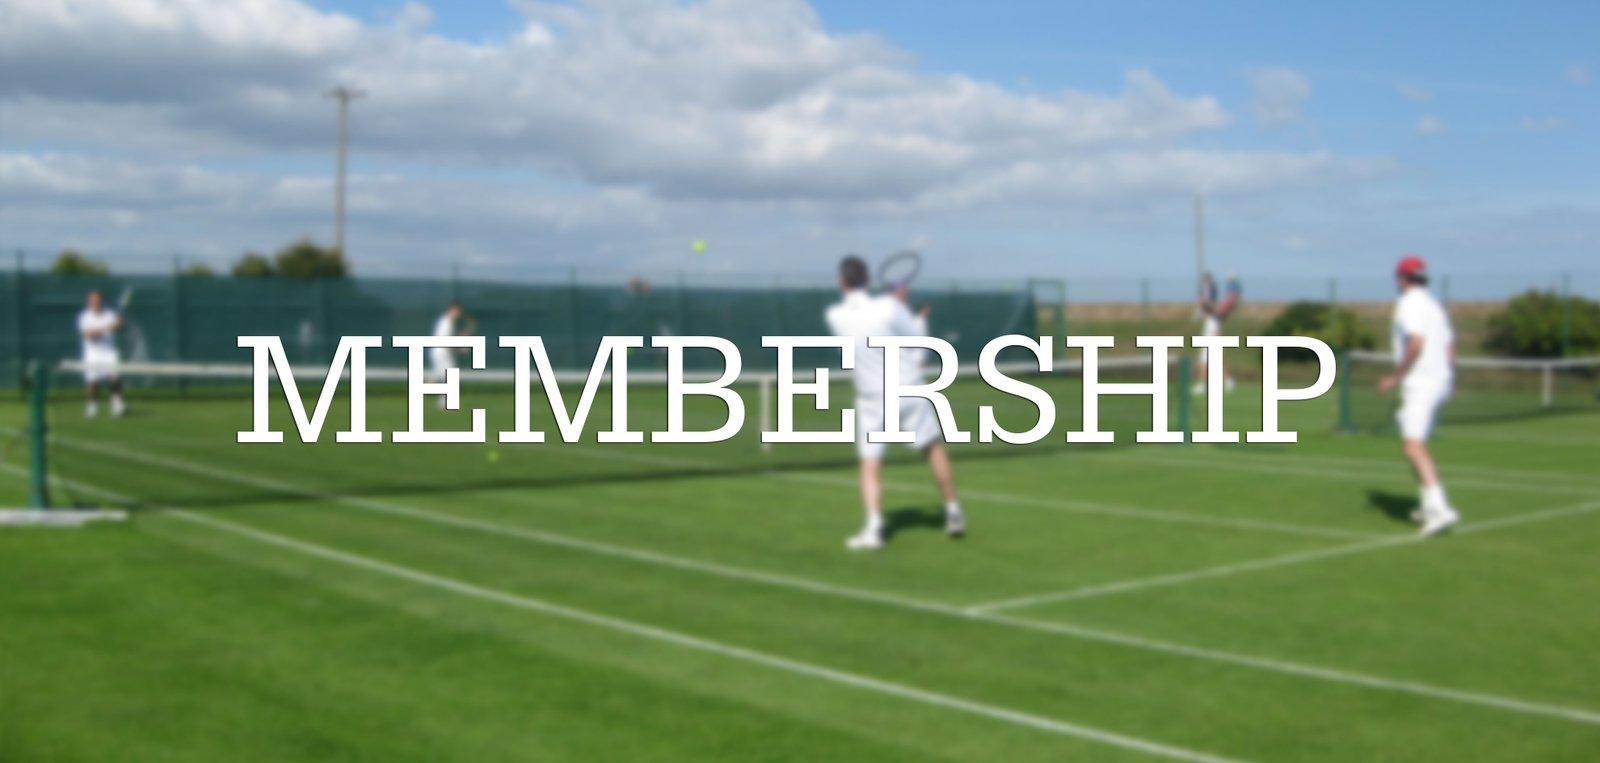 https://www.ryetennisandsquashclub.org.uk/wp-content/uploads/2019/04/membership.jpg